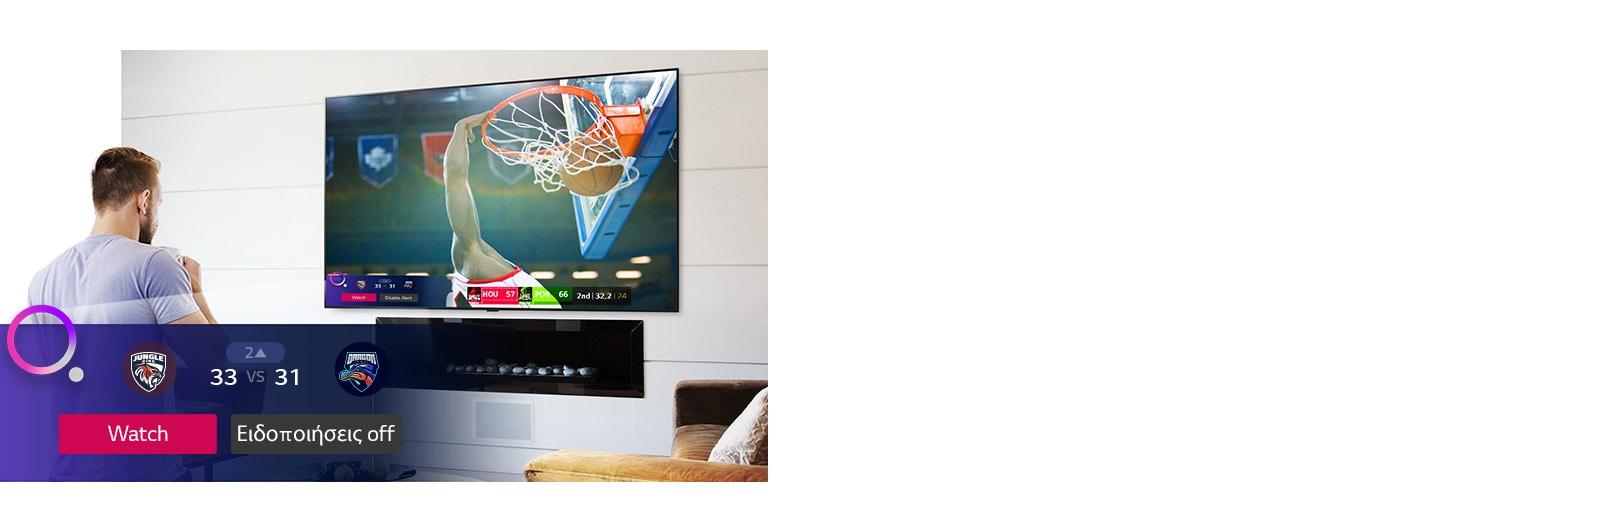 Οθόνη τηλεόρασης που δείχνει μια σκηνή από έναν αγώνα μπάσκετ με αθλητική ειδοποίηση